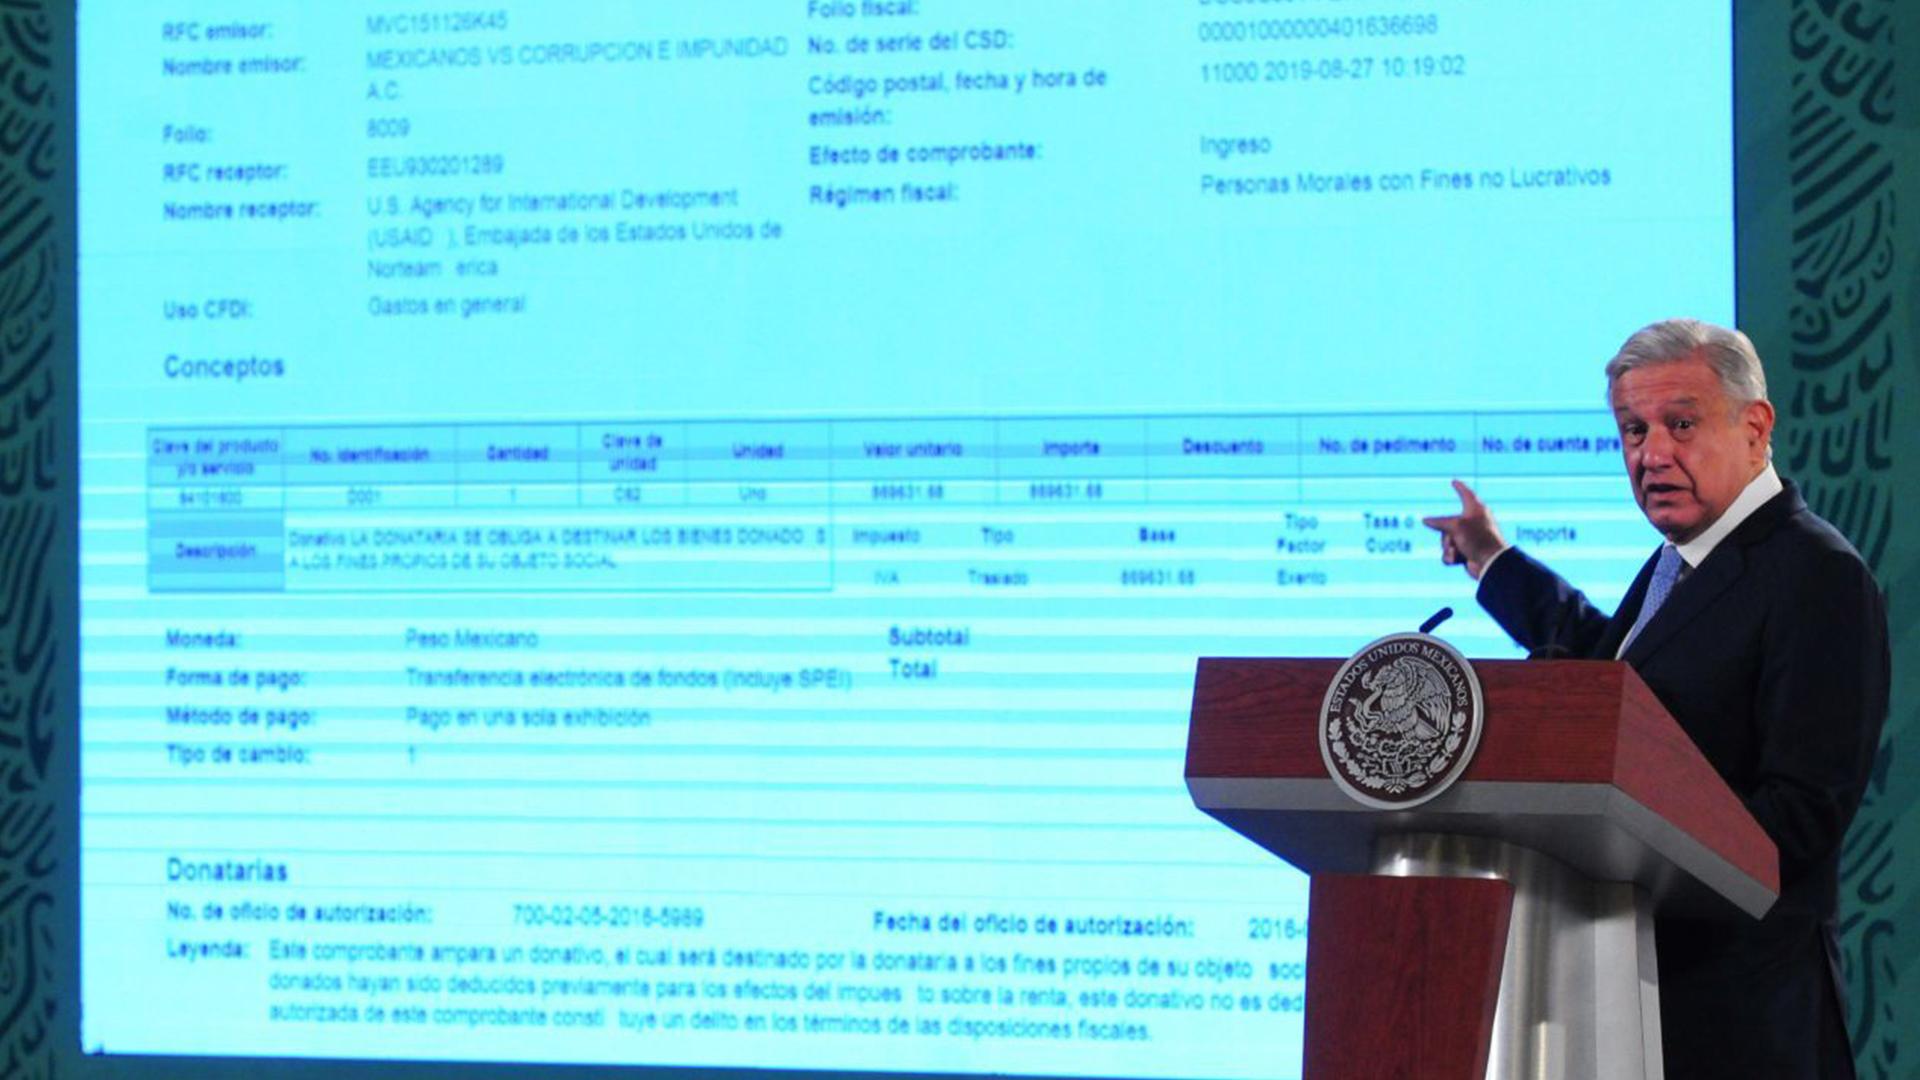 Imagen del titular de la presidencia de Mexico Andres Manuel Lopez Obrador